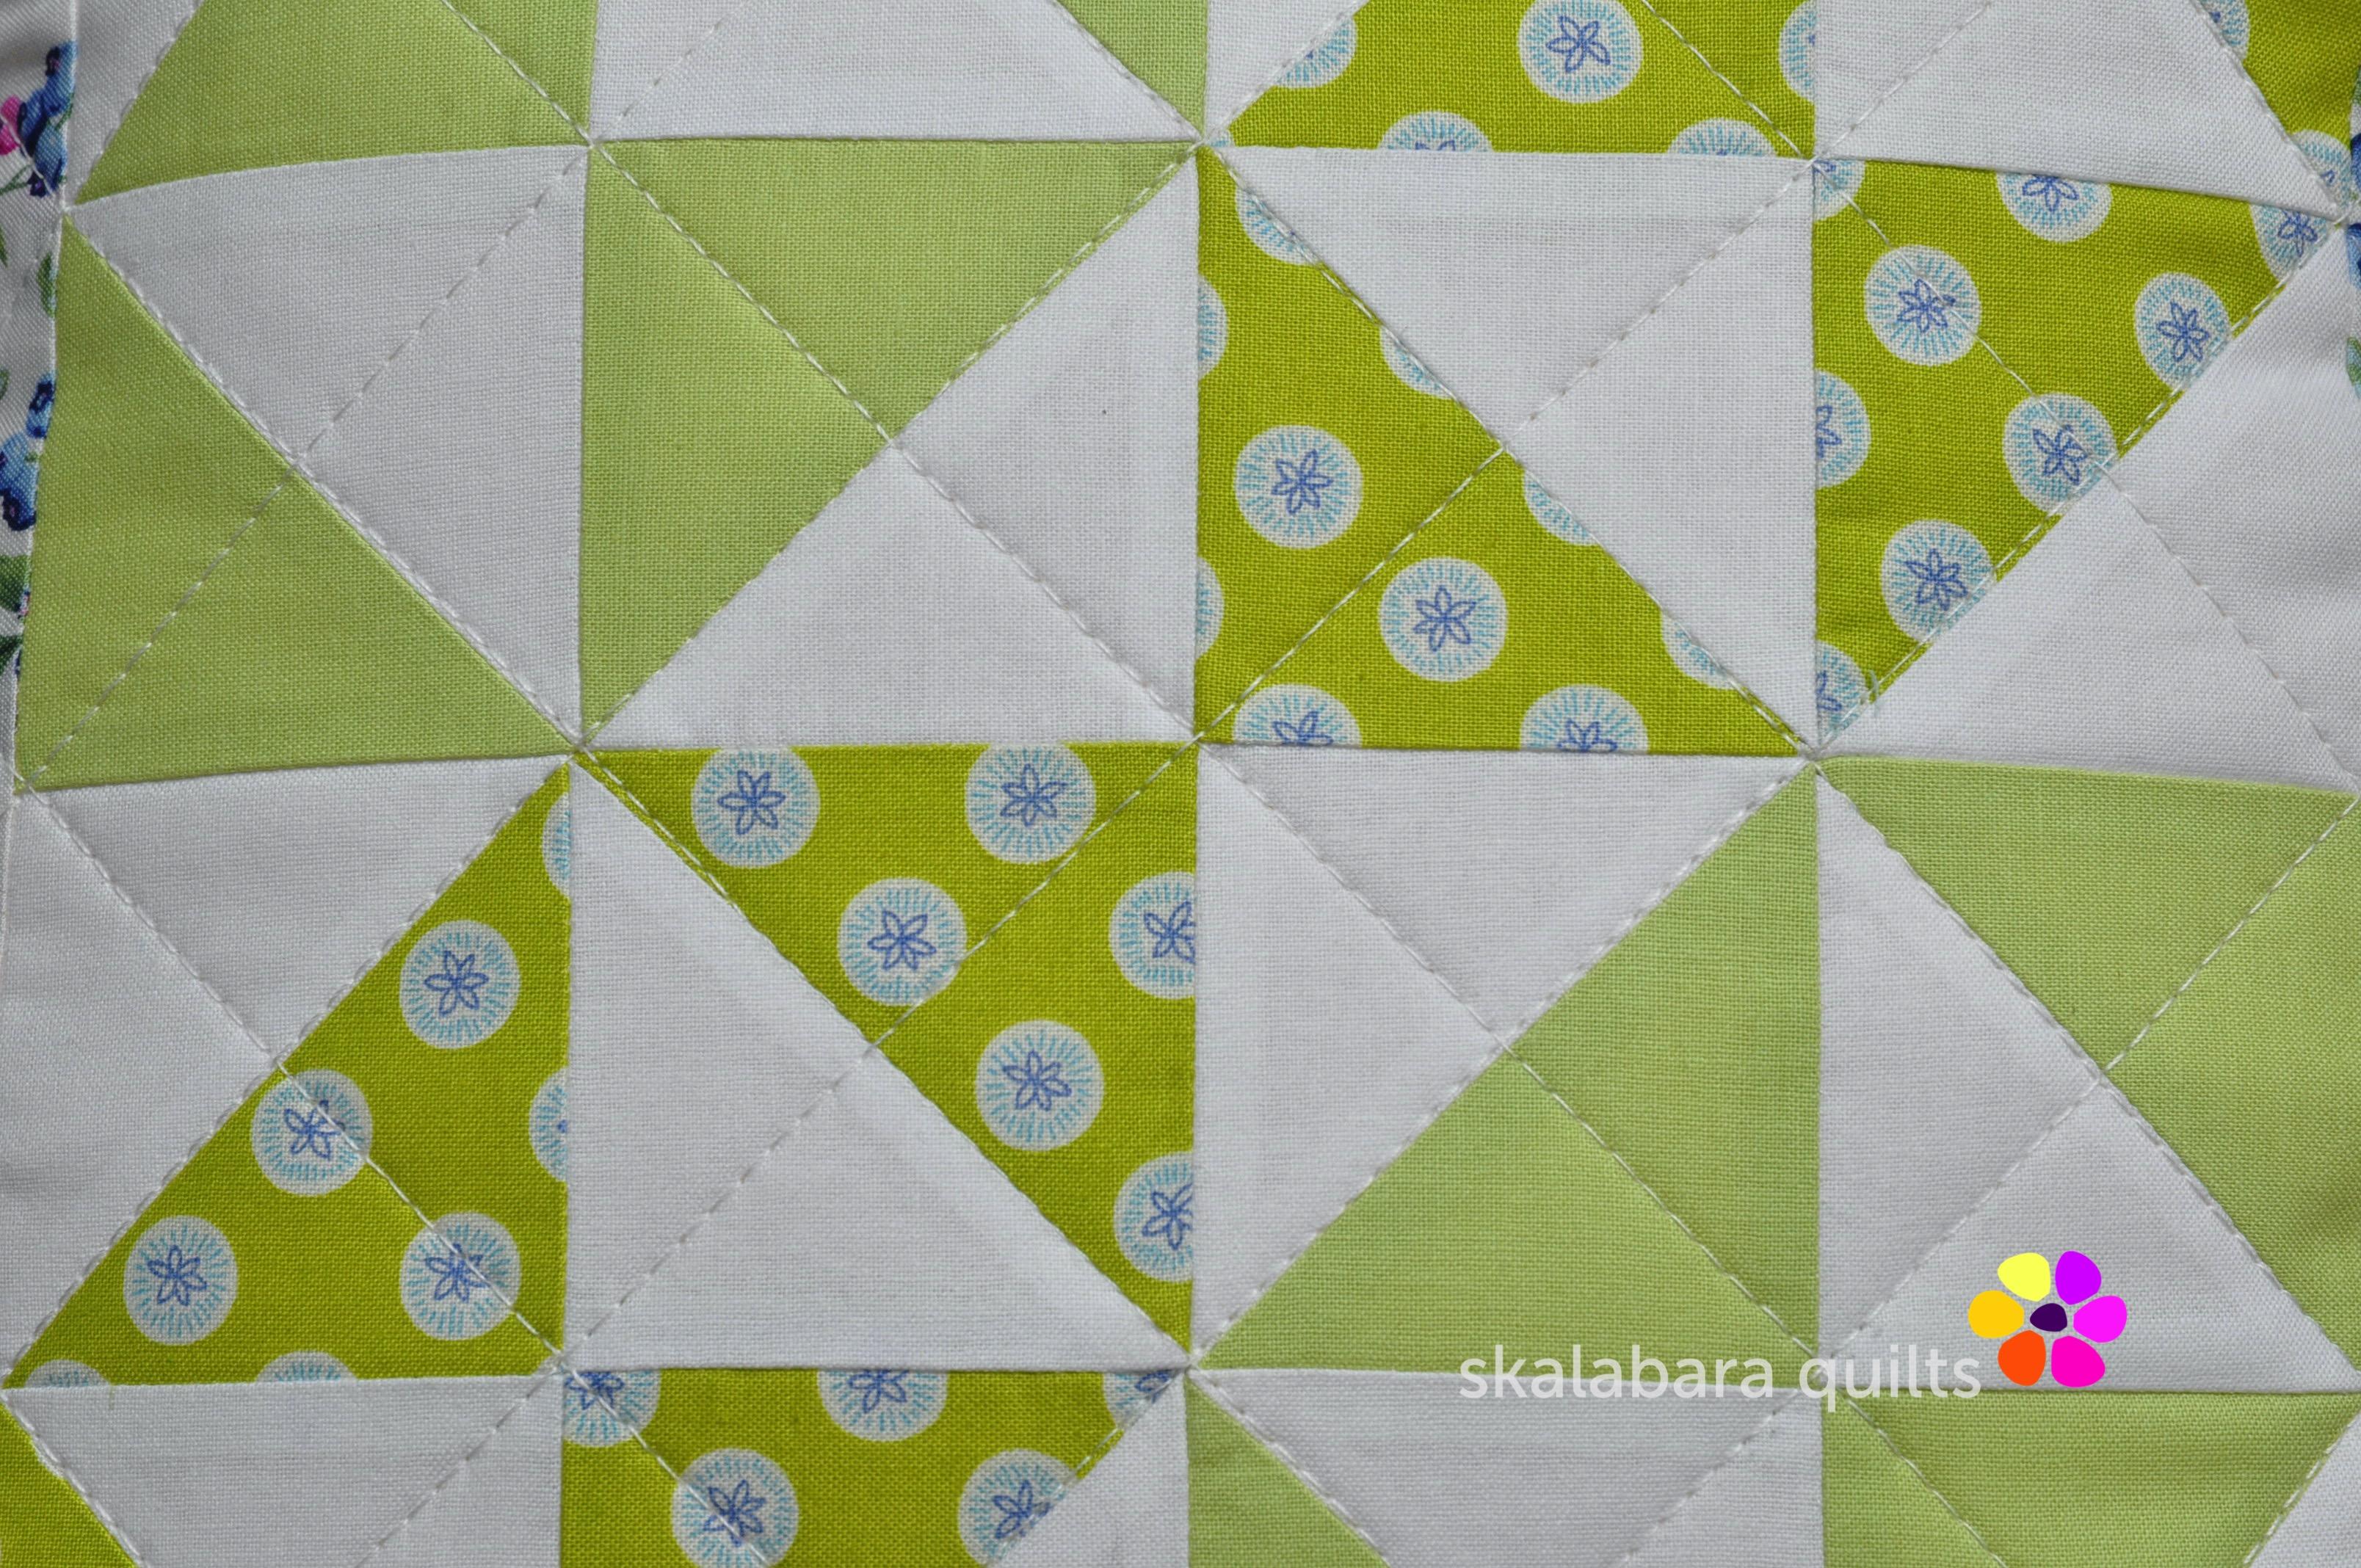 broken dishes cushions detail 2 - skalabara quilts